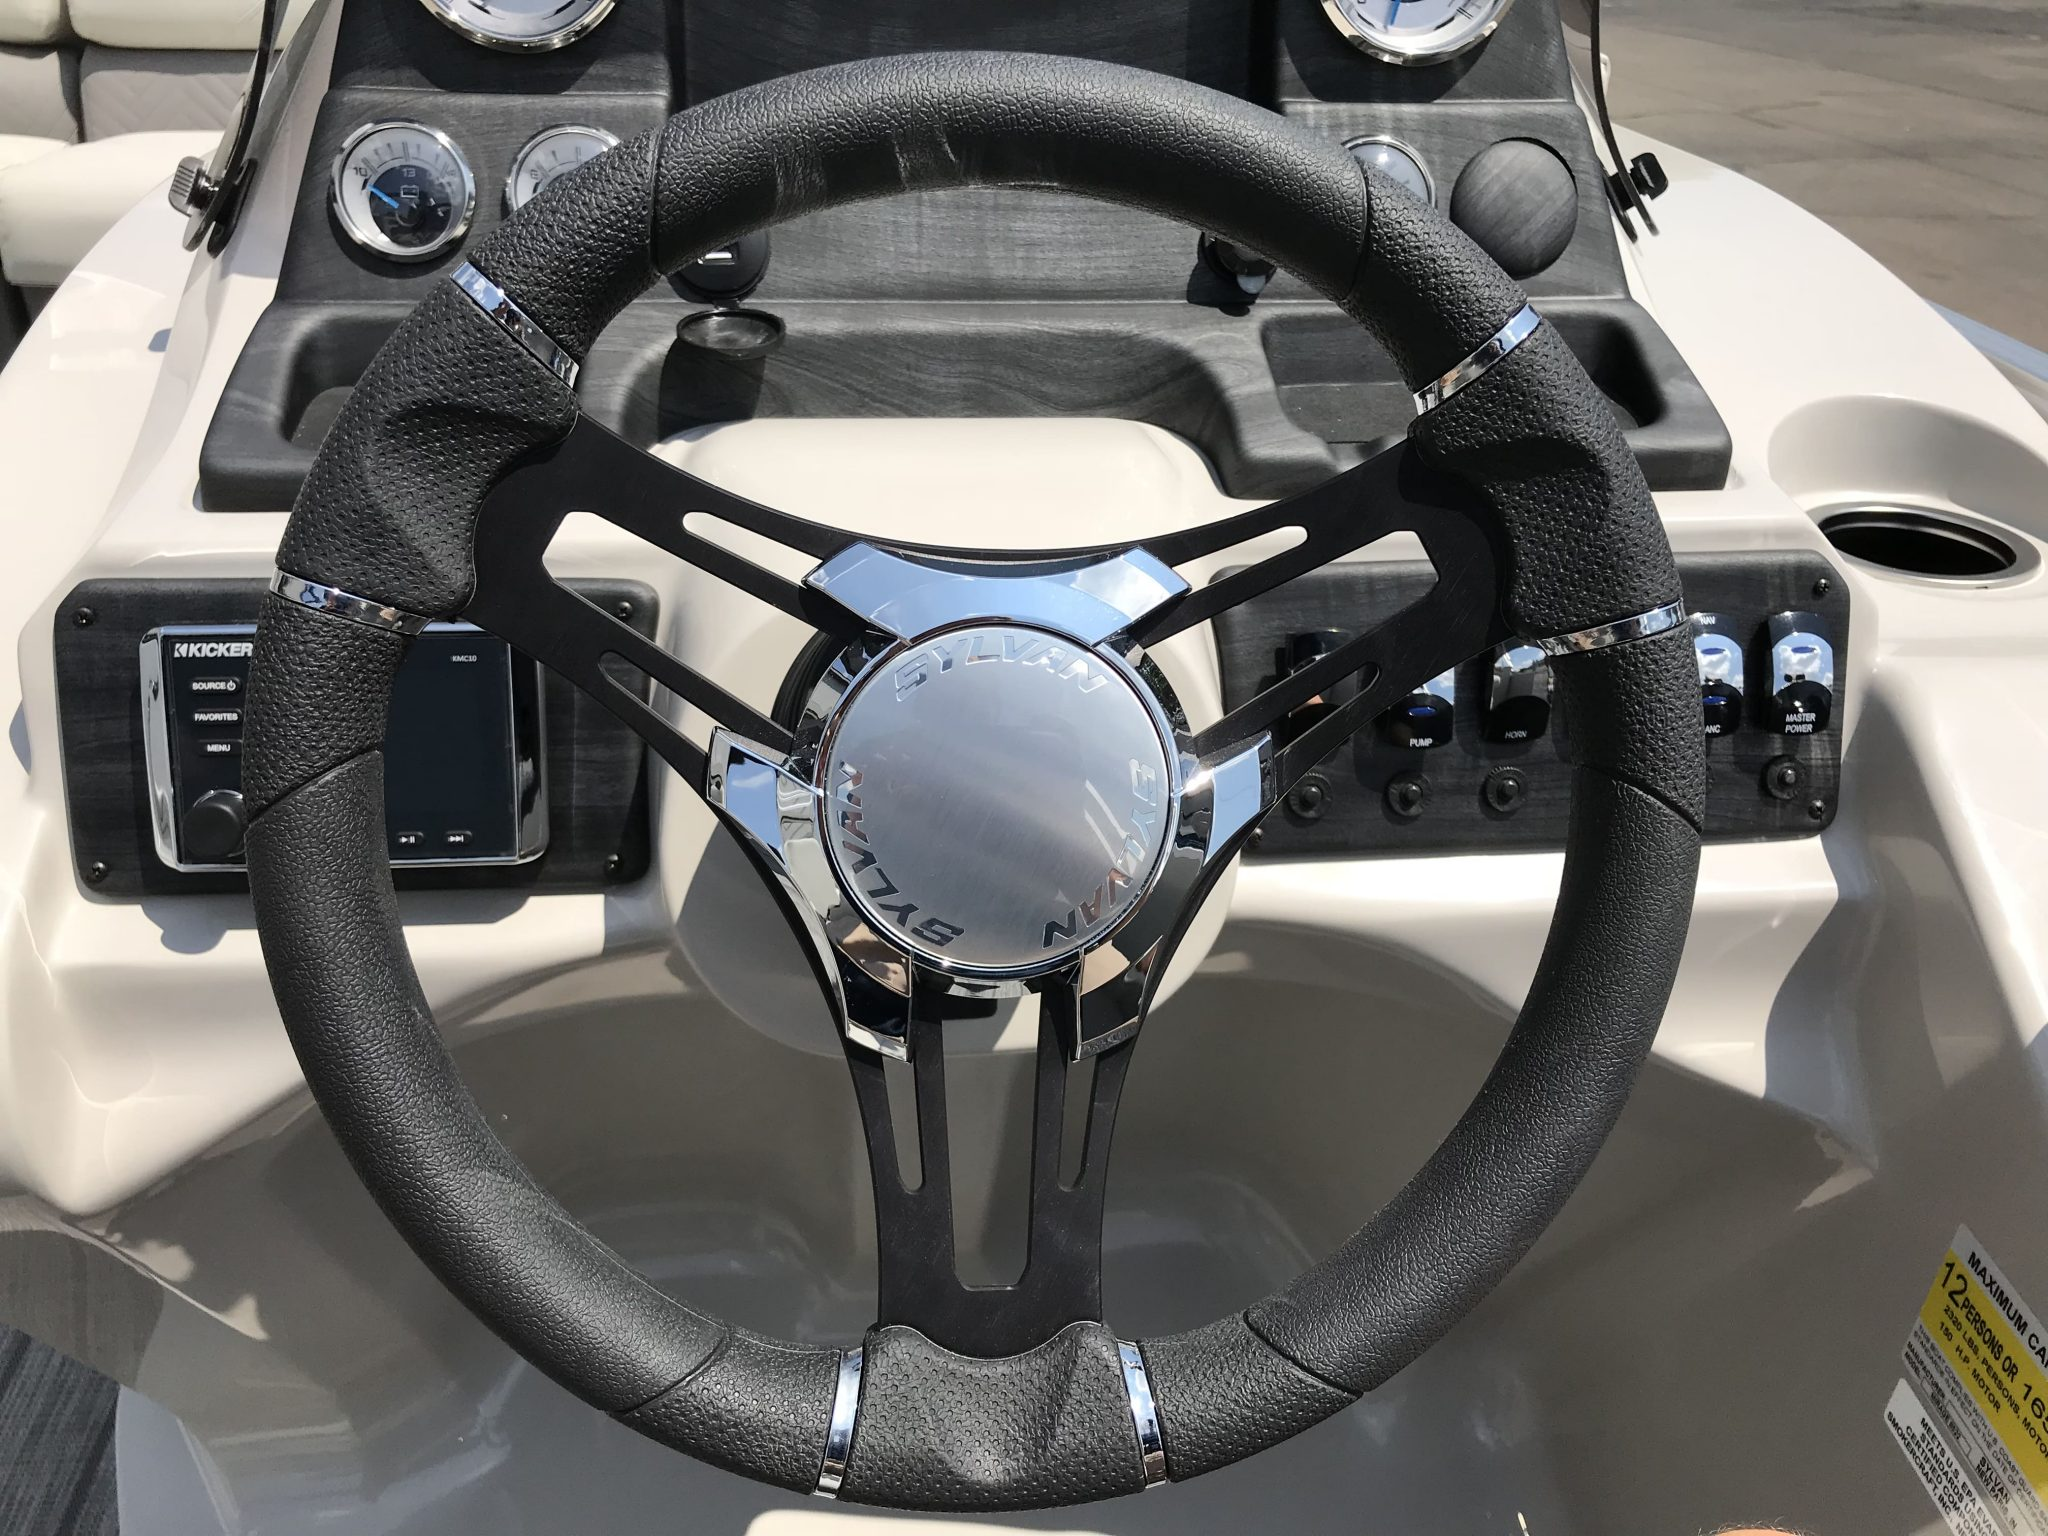 2019 Sylvan 8522 LZ LES Steering Wheel